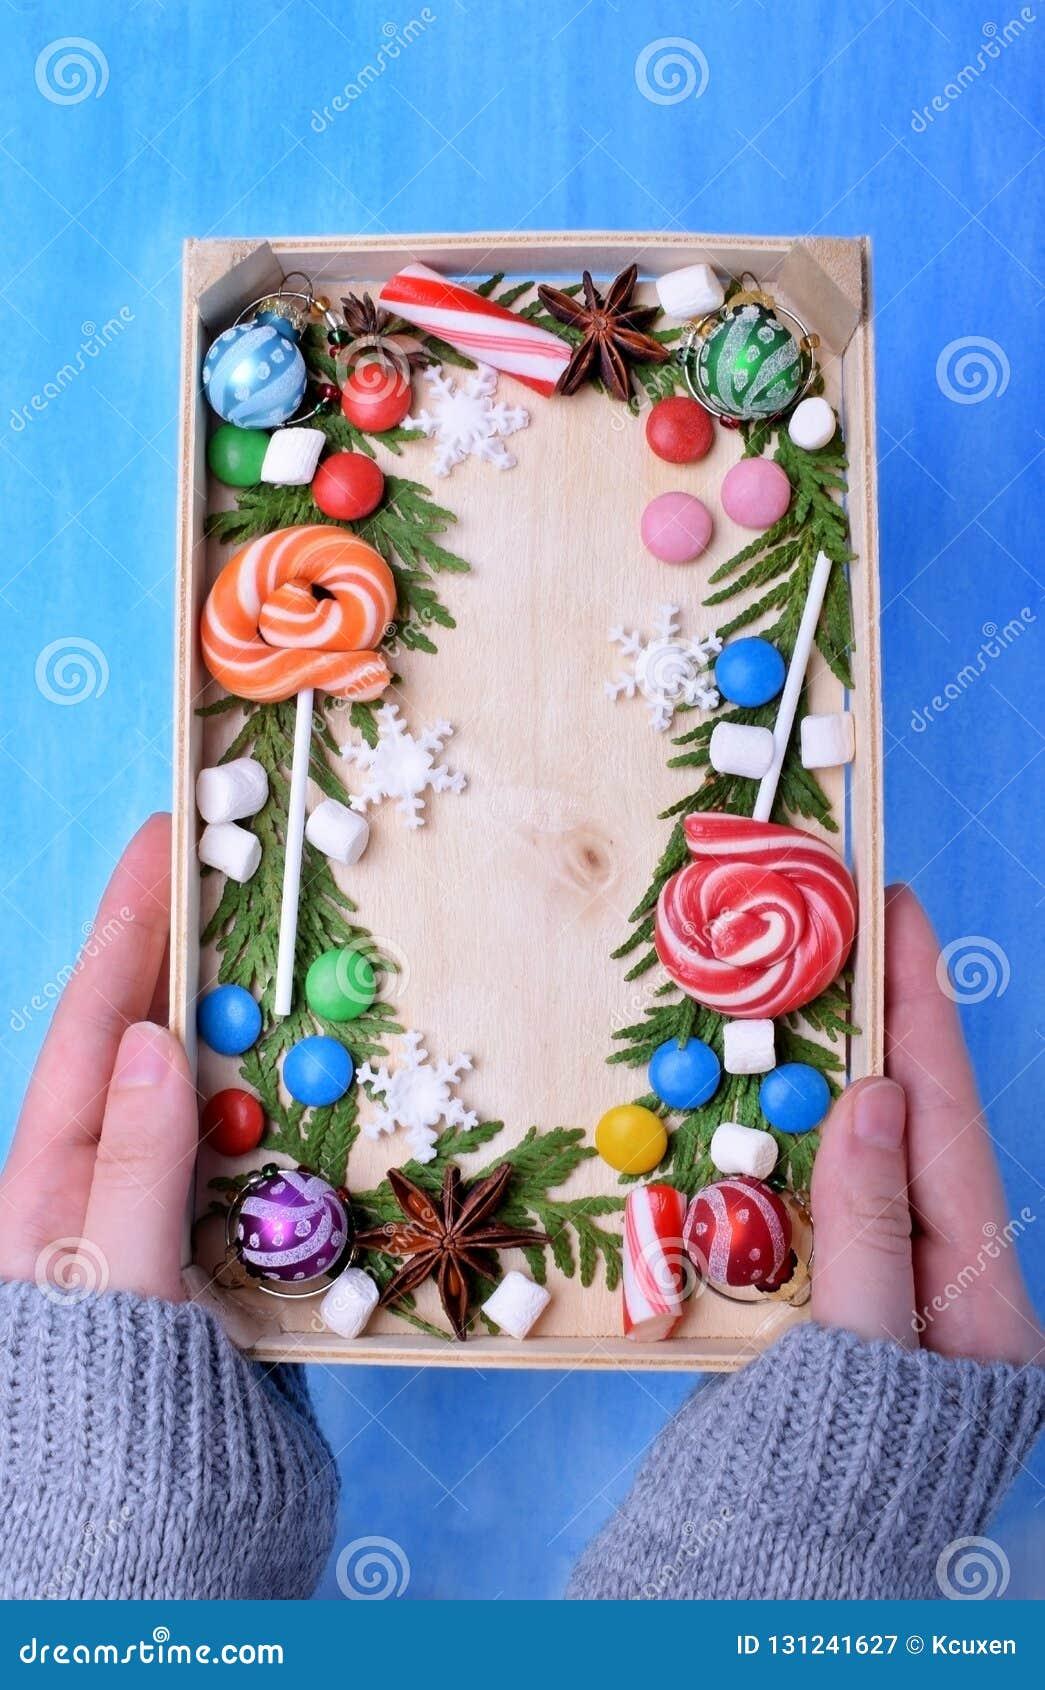 Weihnachtslutscher, Bonbons von verschiedenen Farben, Eibische und Thujaniederlassungen, die Kopienraum gestalten